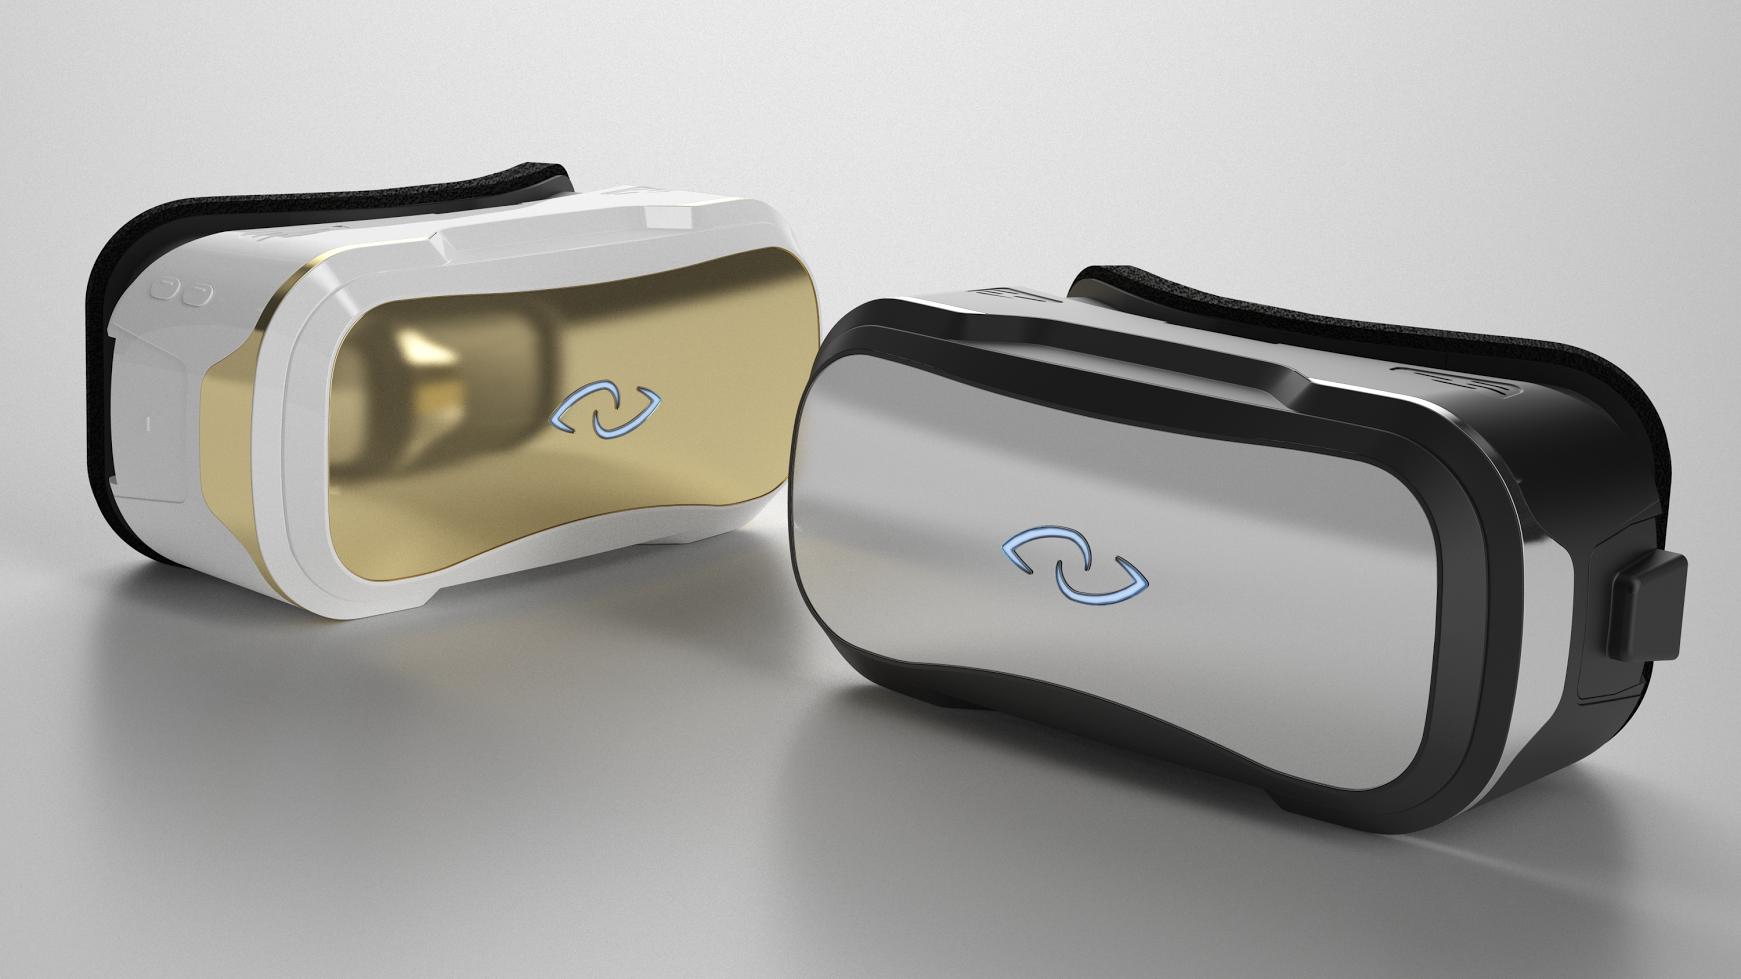 是主打目前量產品中最輕盈的 VR 頭戴顯示, 3Glasses 在台展出 3Glasses D2 開拓者版這篇文章的首圖